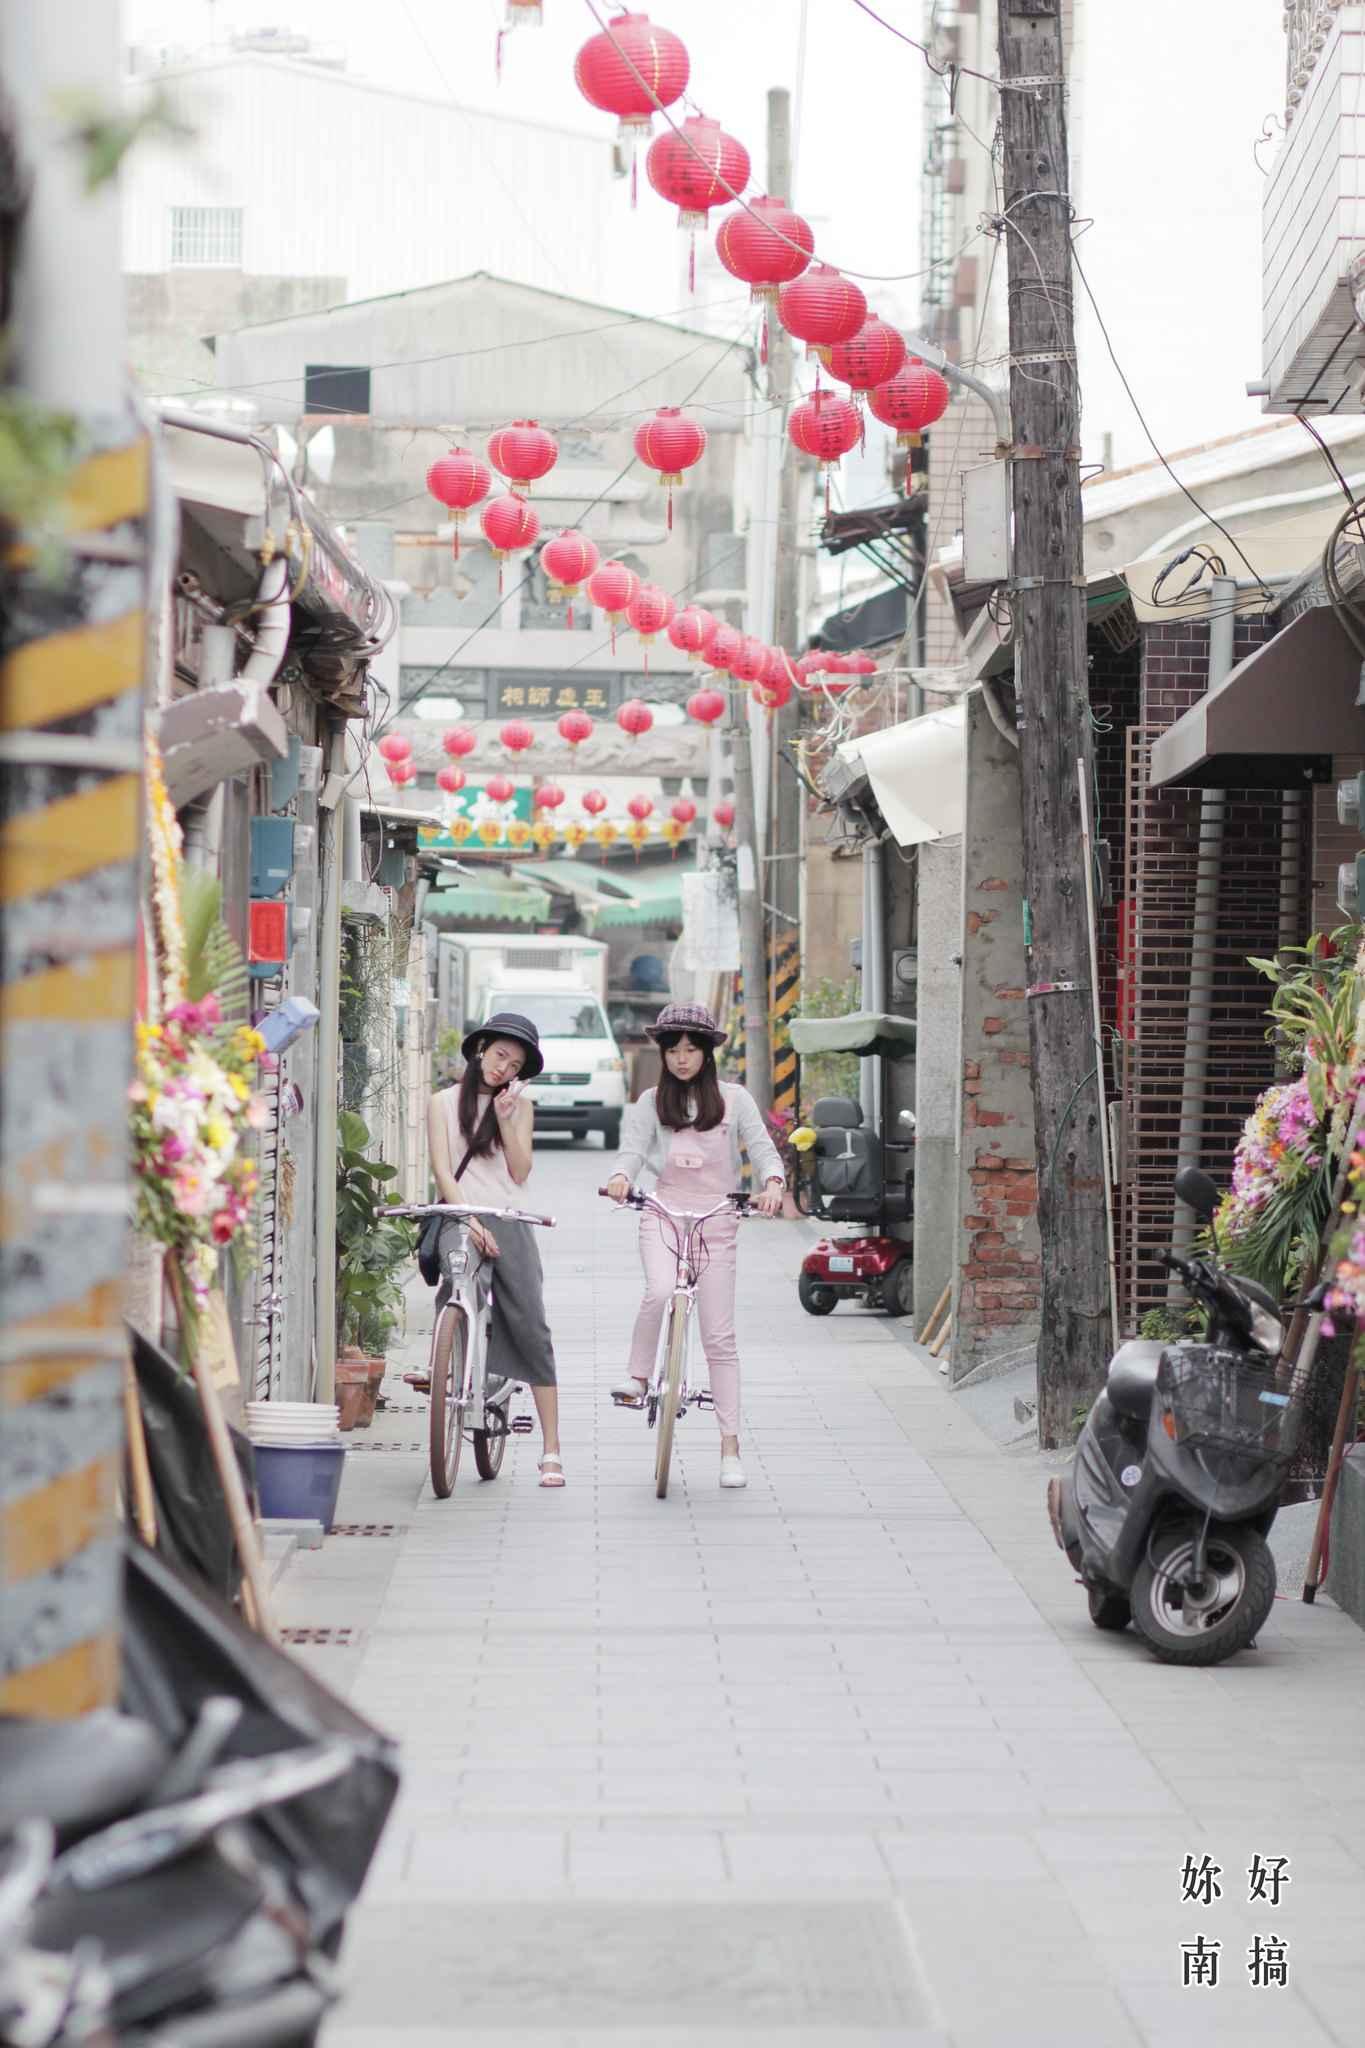 台南腳踏車-小南天生活輕旅-05-妳好南搞